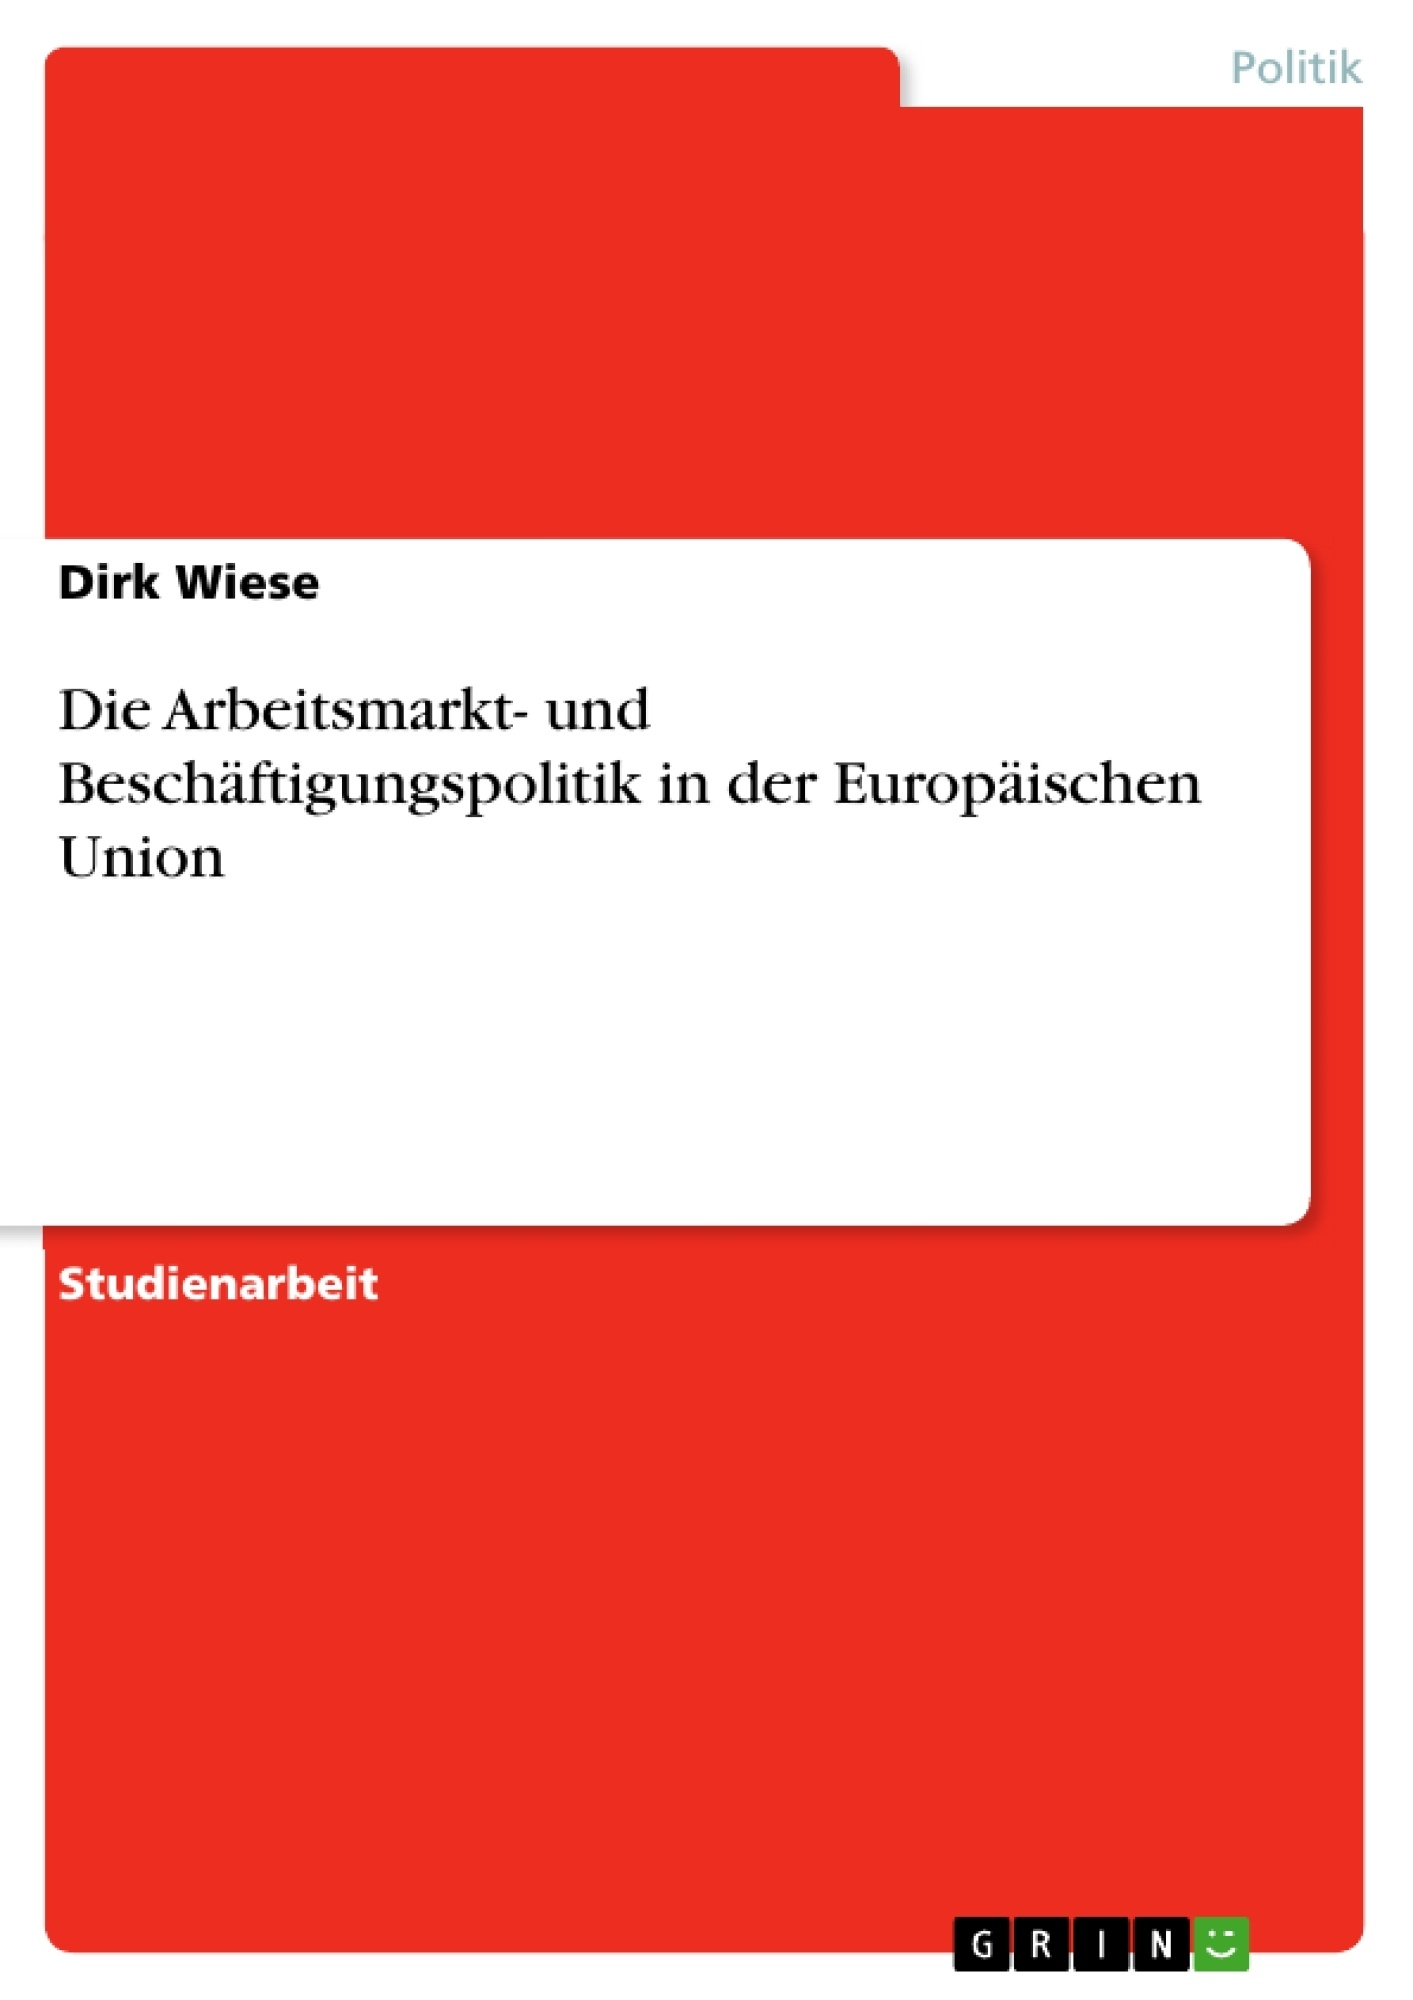 Titel: Die Arbeitsmarkt- und Beschäftigungspolitik in der Europäischen Union